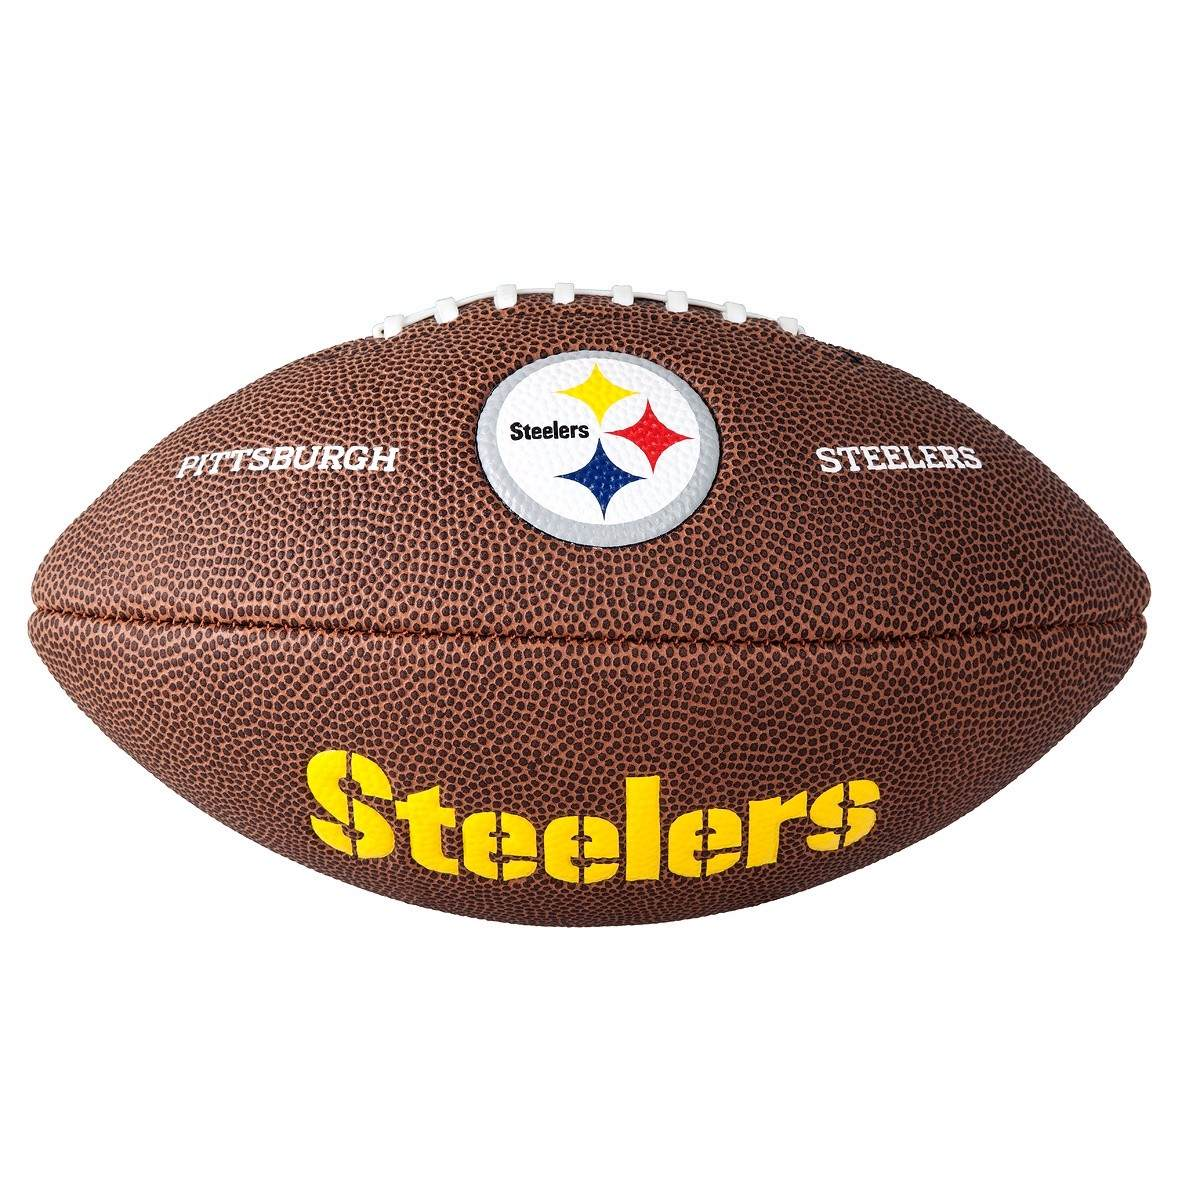 bola futebol americano wilson pittsburgh steelers - original. Carregando  zoom... bola futebol americano. Carregando zoom. 6af81e1b464d4